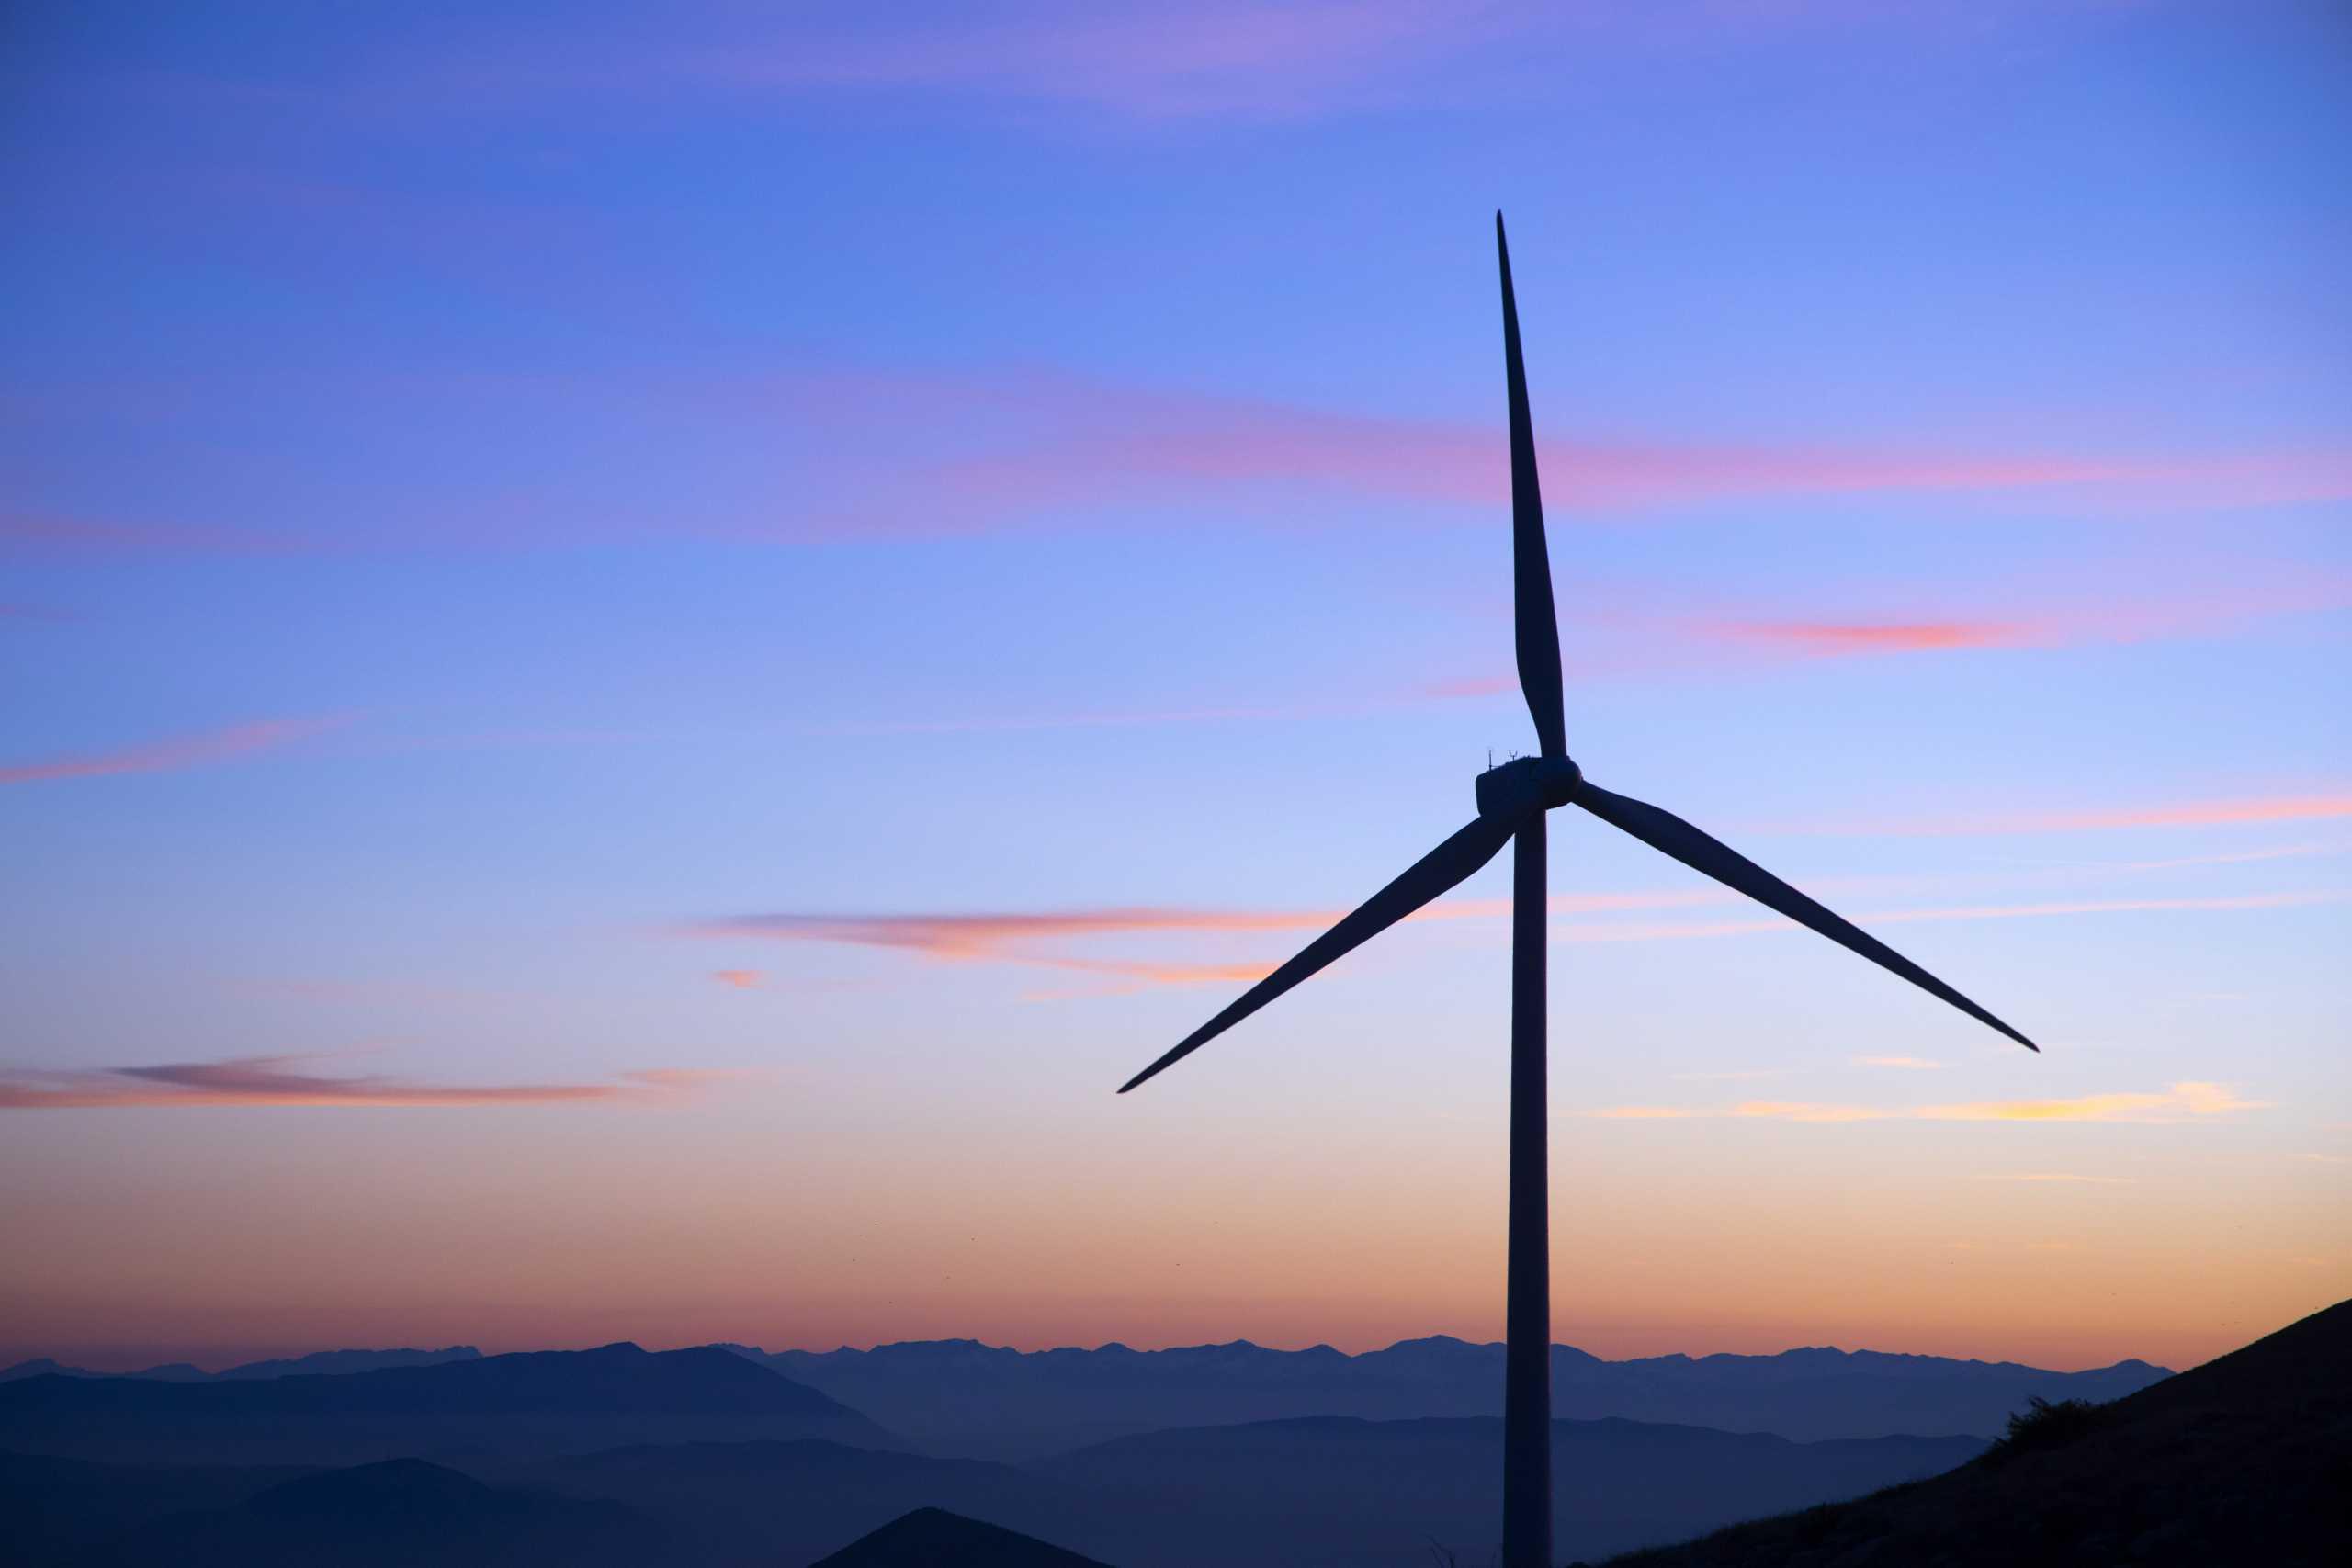 Τέρνα Ενεργειακή: Νέα έργα και αύξηση του κύκλου εργασιών το πρώτο τρίμηνο 2021